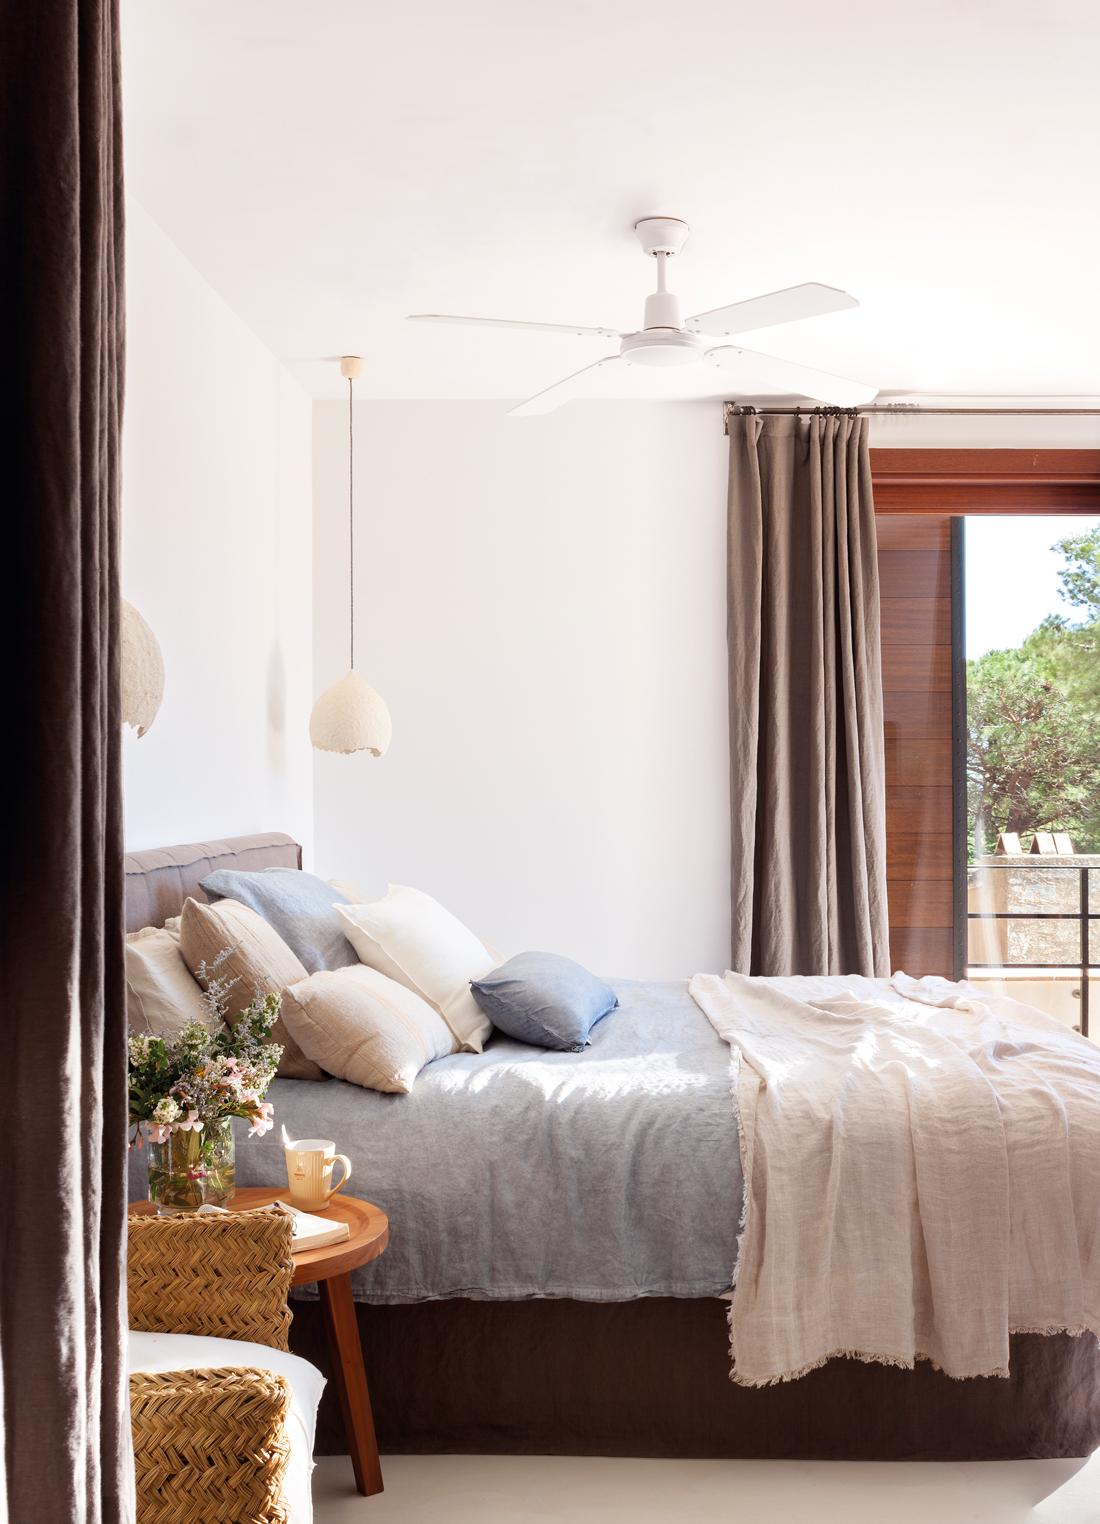 00436713. Dormitorio con ropa de cama en azules y grises, lámparas colgantes de cerámica blanca 00436713